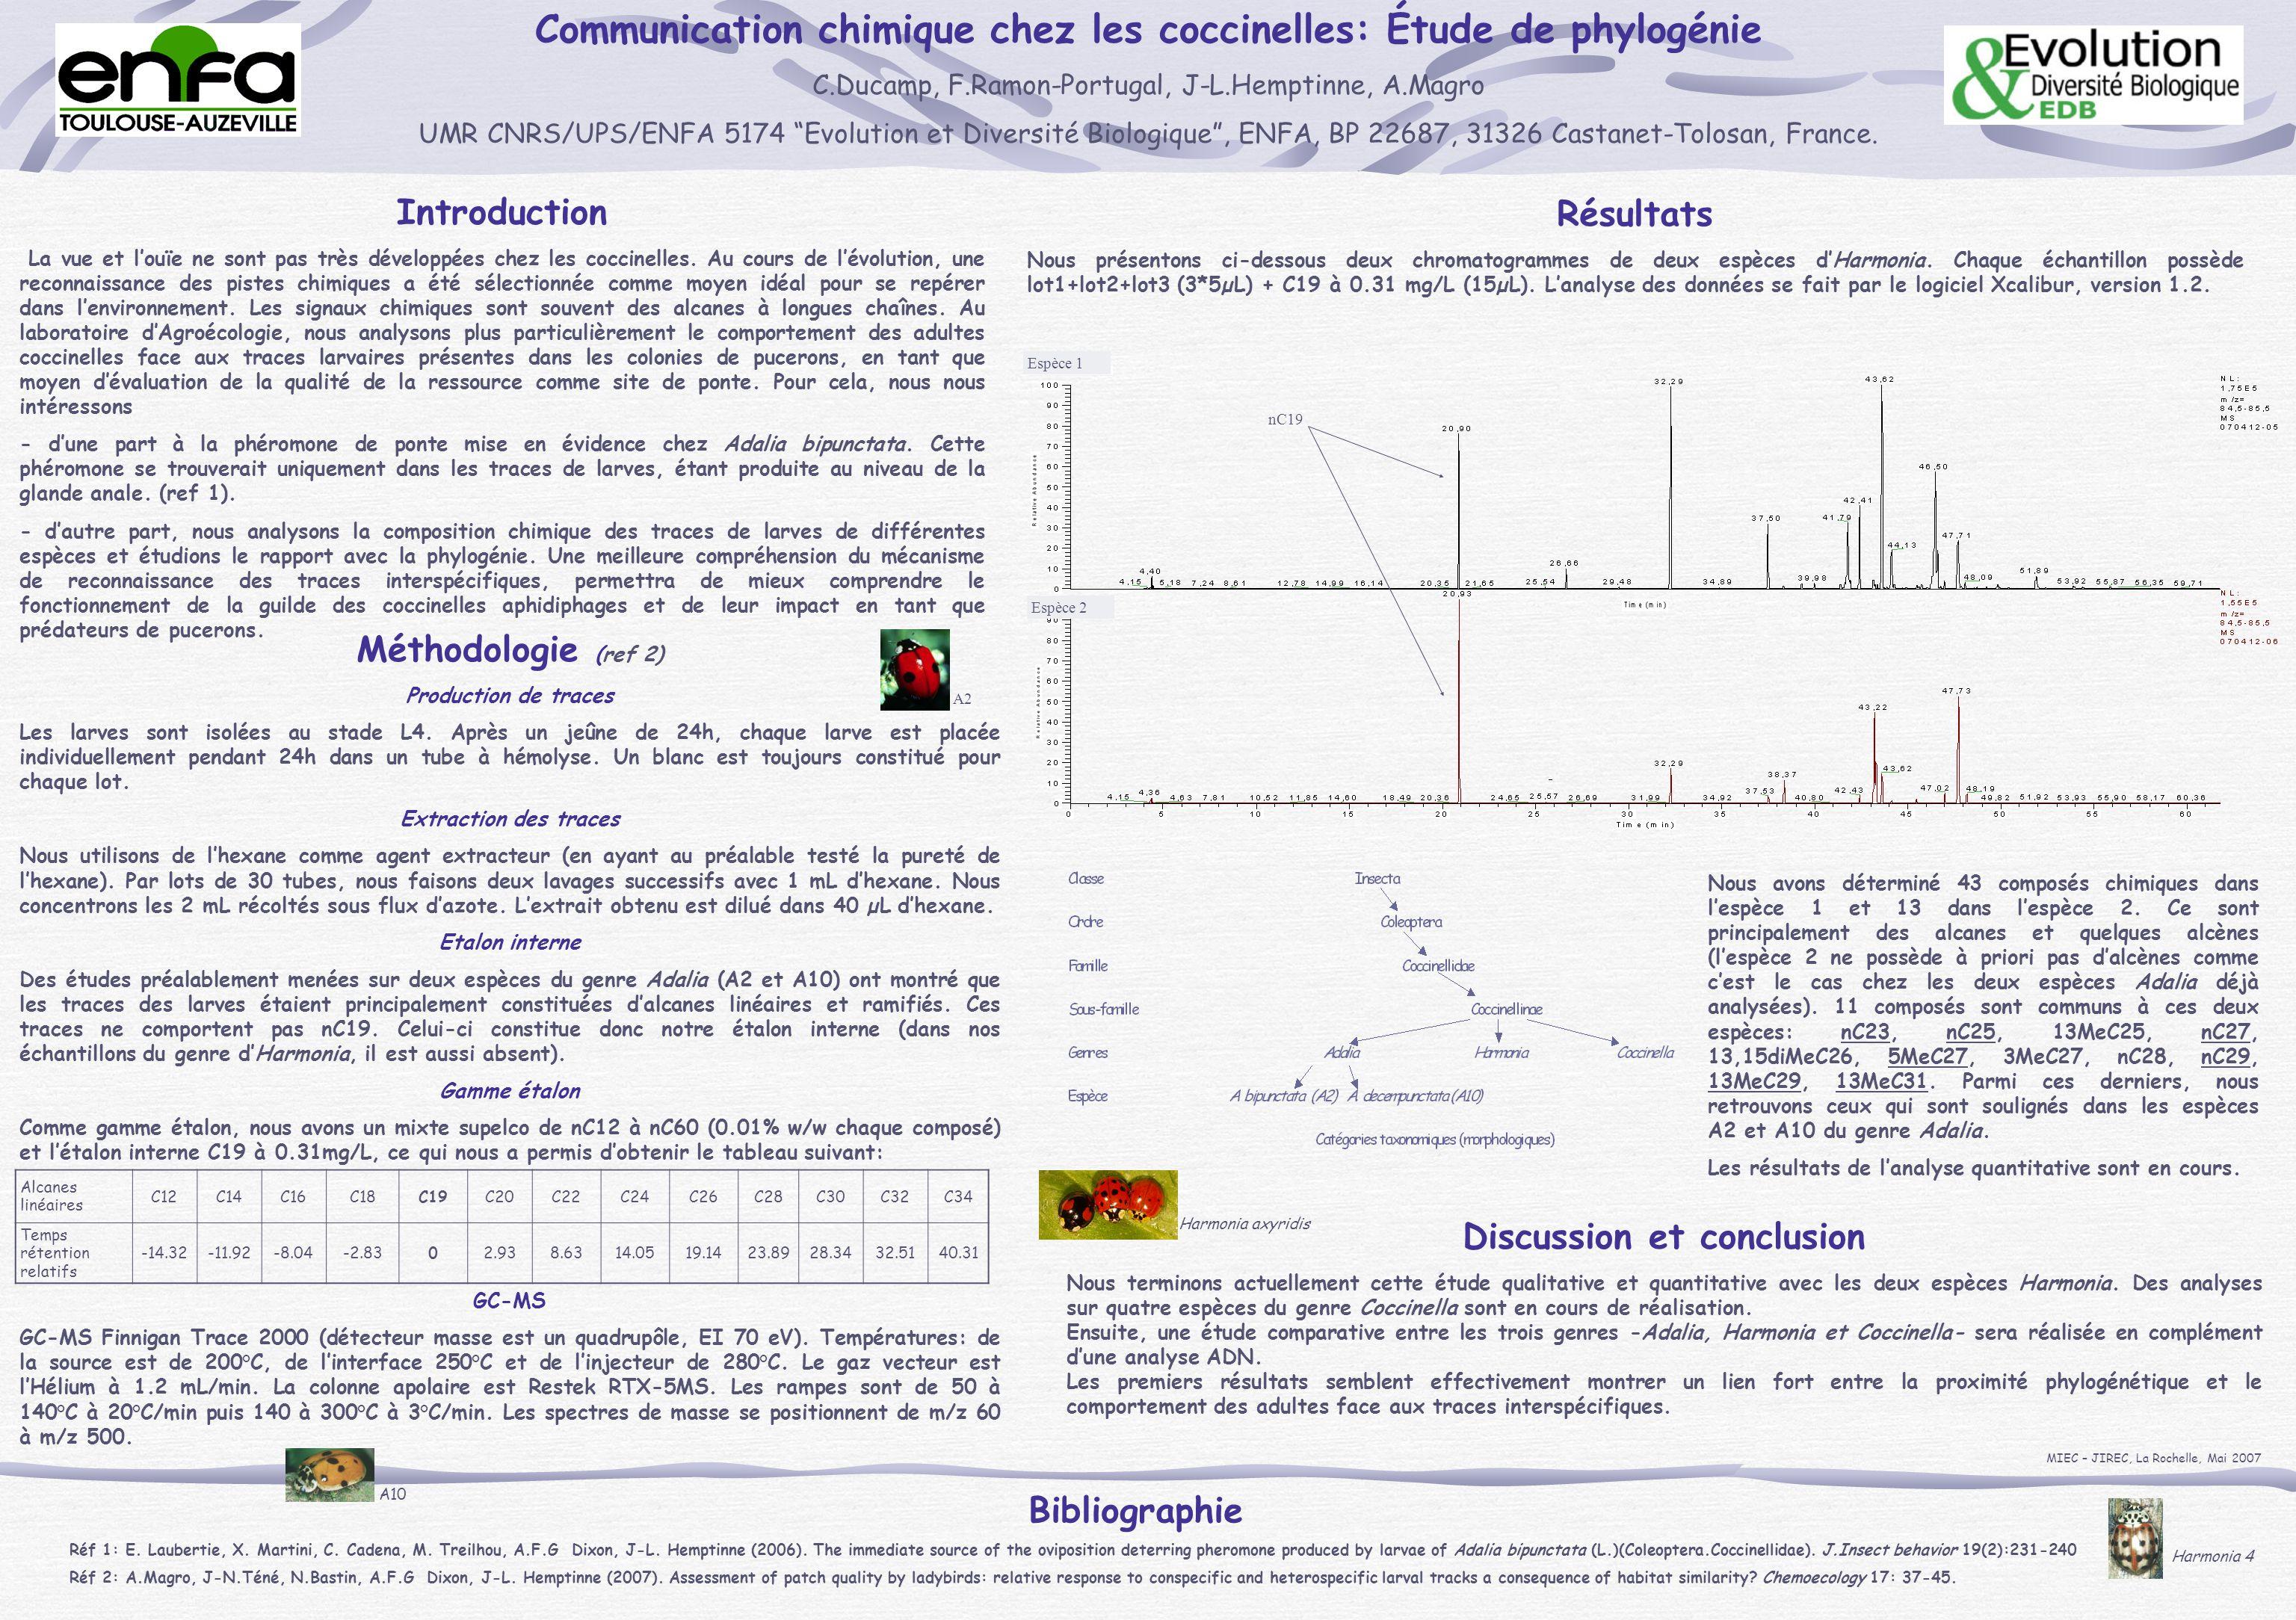 Communication chimique chez les coccinelles: Étude de phylogénie C.Ducamp, F.Ramon-Portugal, J-L.Hemptinne, A.Magro UMR CNRS/UPS/ENFA 5174 Evolution e